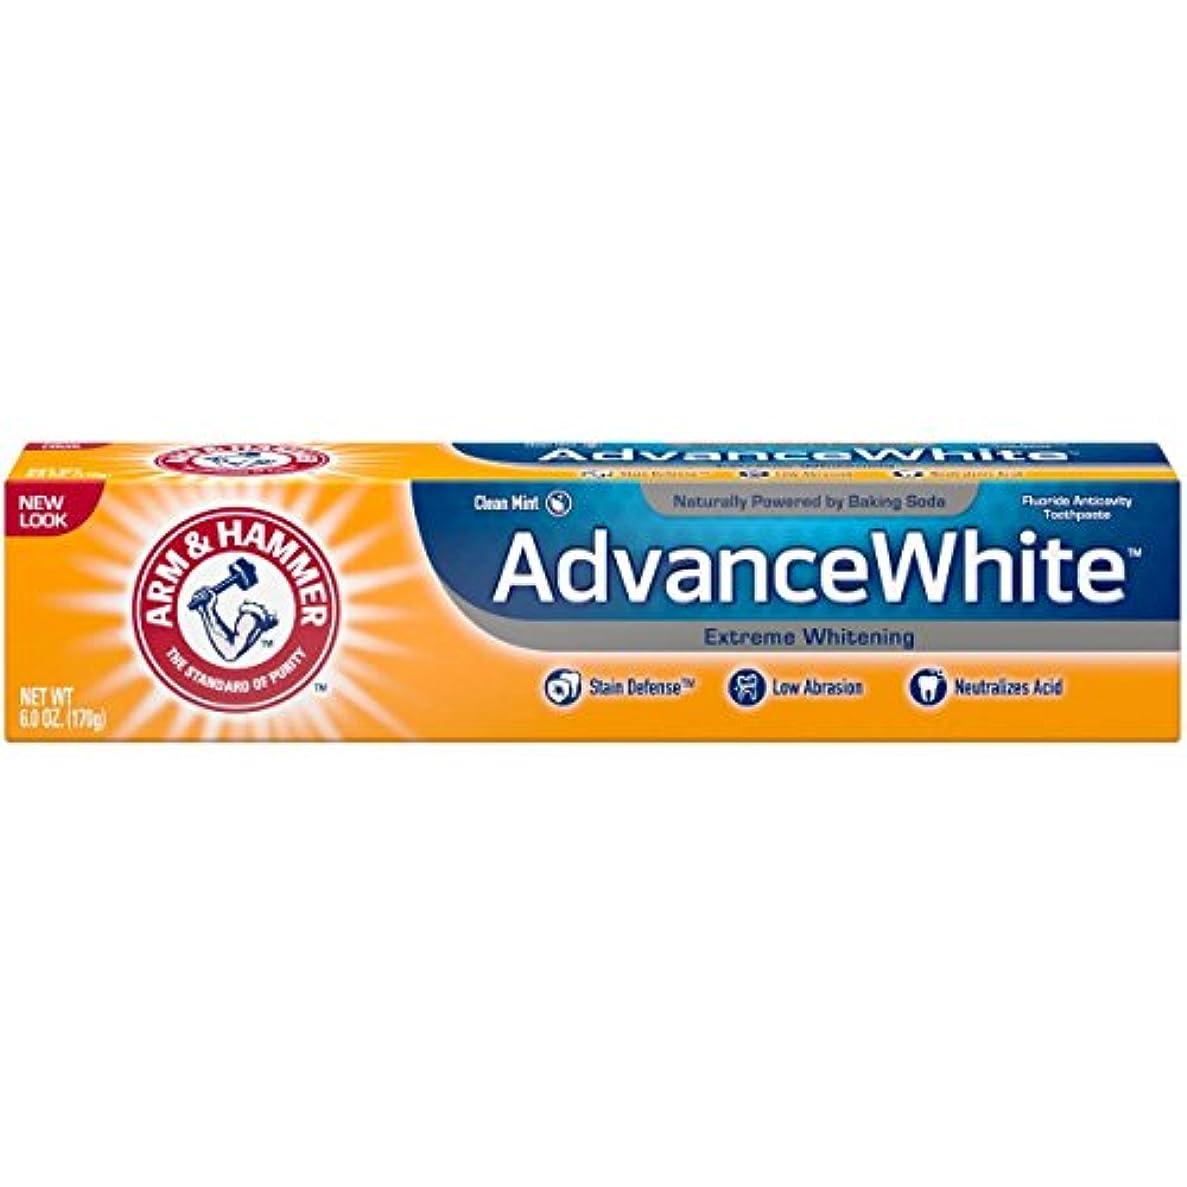 明るくするサイクル風変わりなArm & Hammer アドバンスホワイトエクストリームホワイトニングで染色防衛の歯磨き粉、6オズ(3パック) 3パック